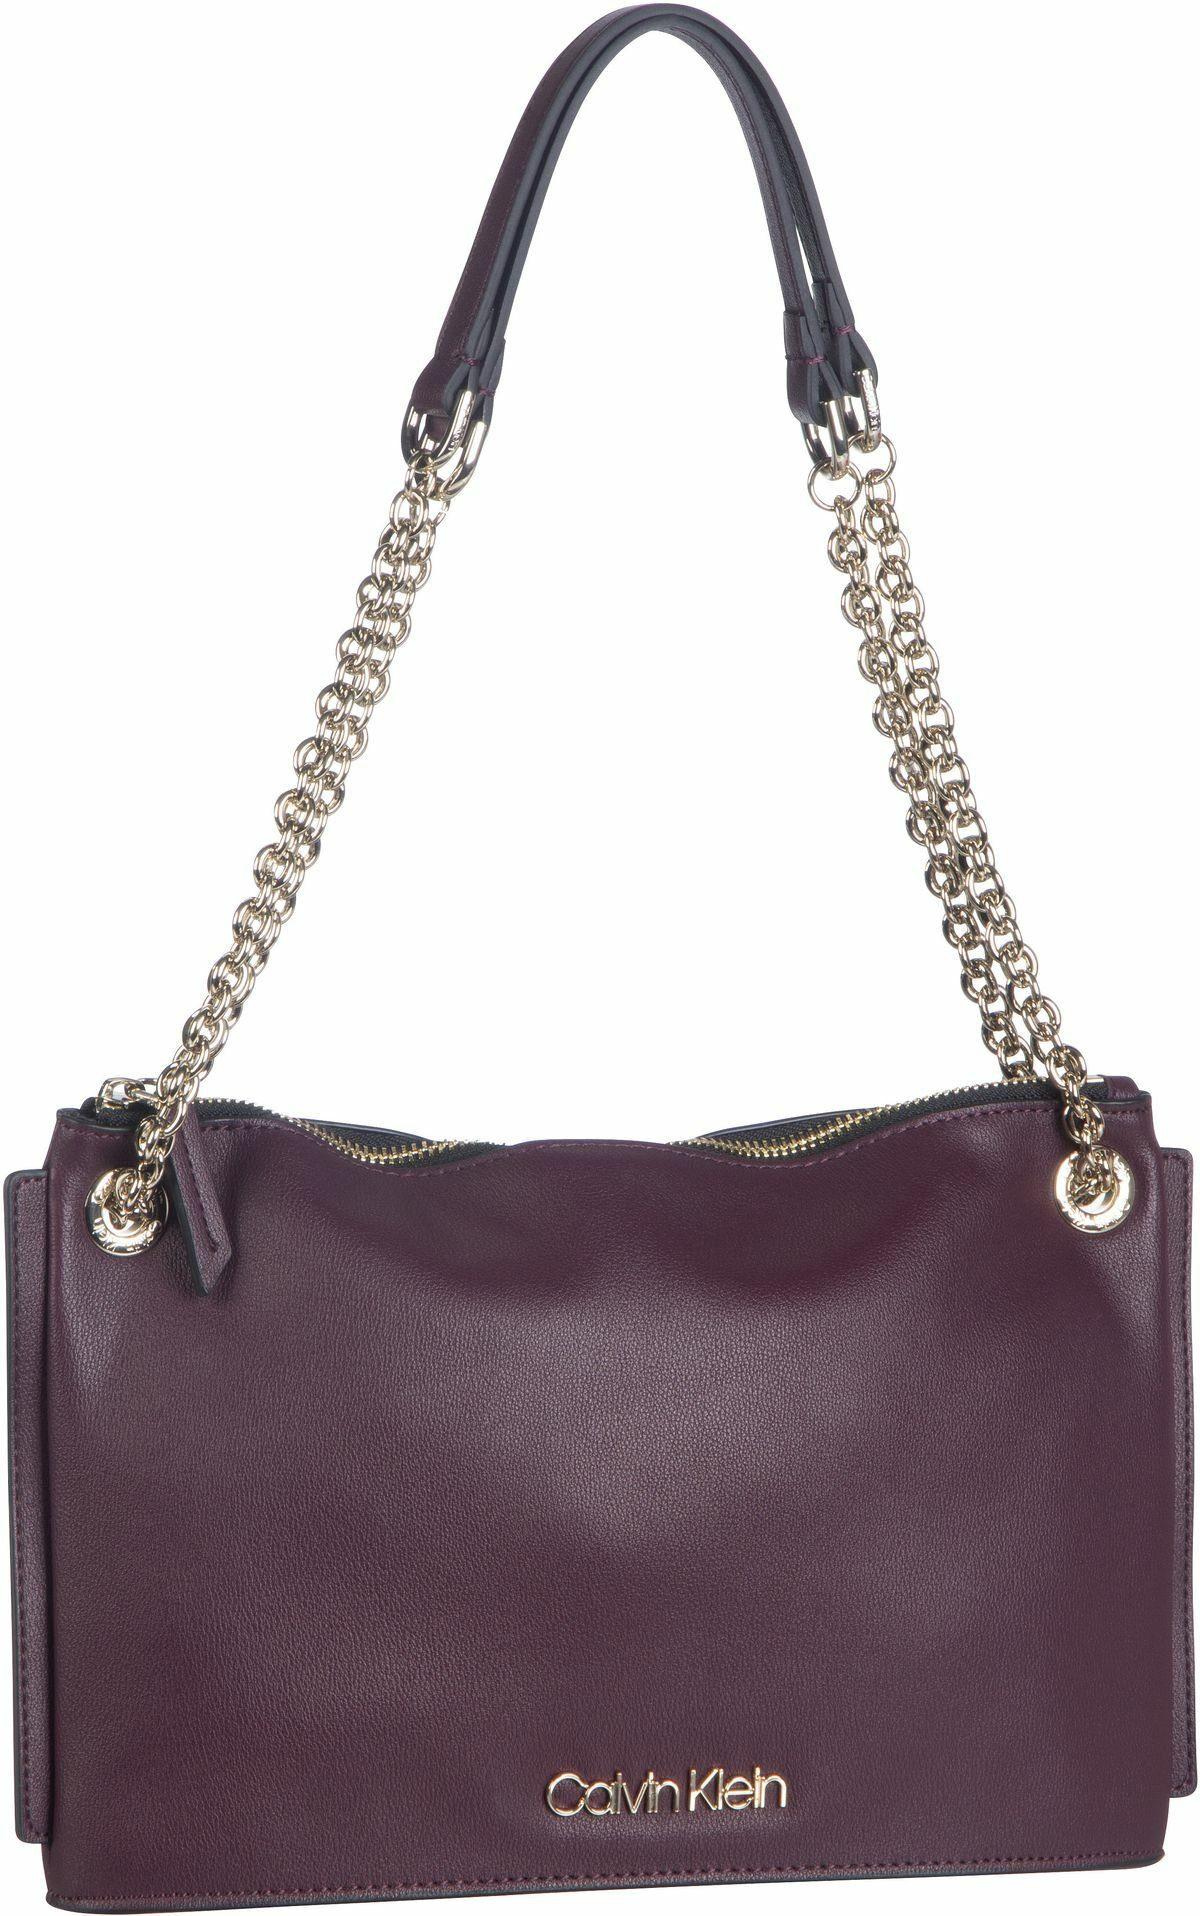 Klein Calvin KaufenOtto Handtasche »chained Convertible Shoulderbag« Online nmN0wOPyv8